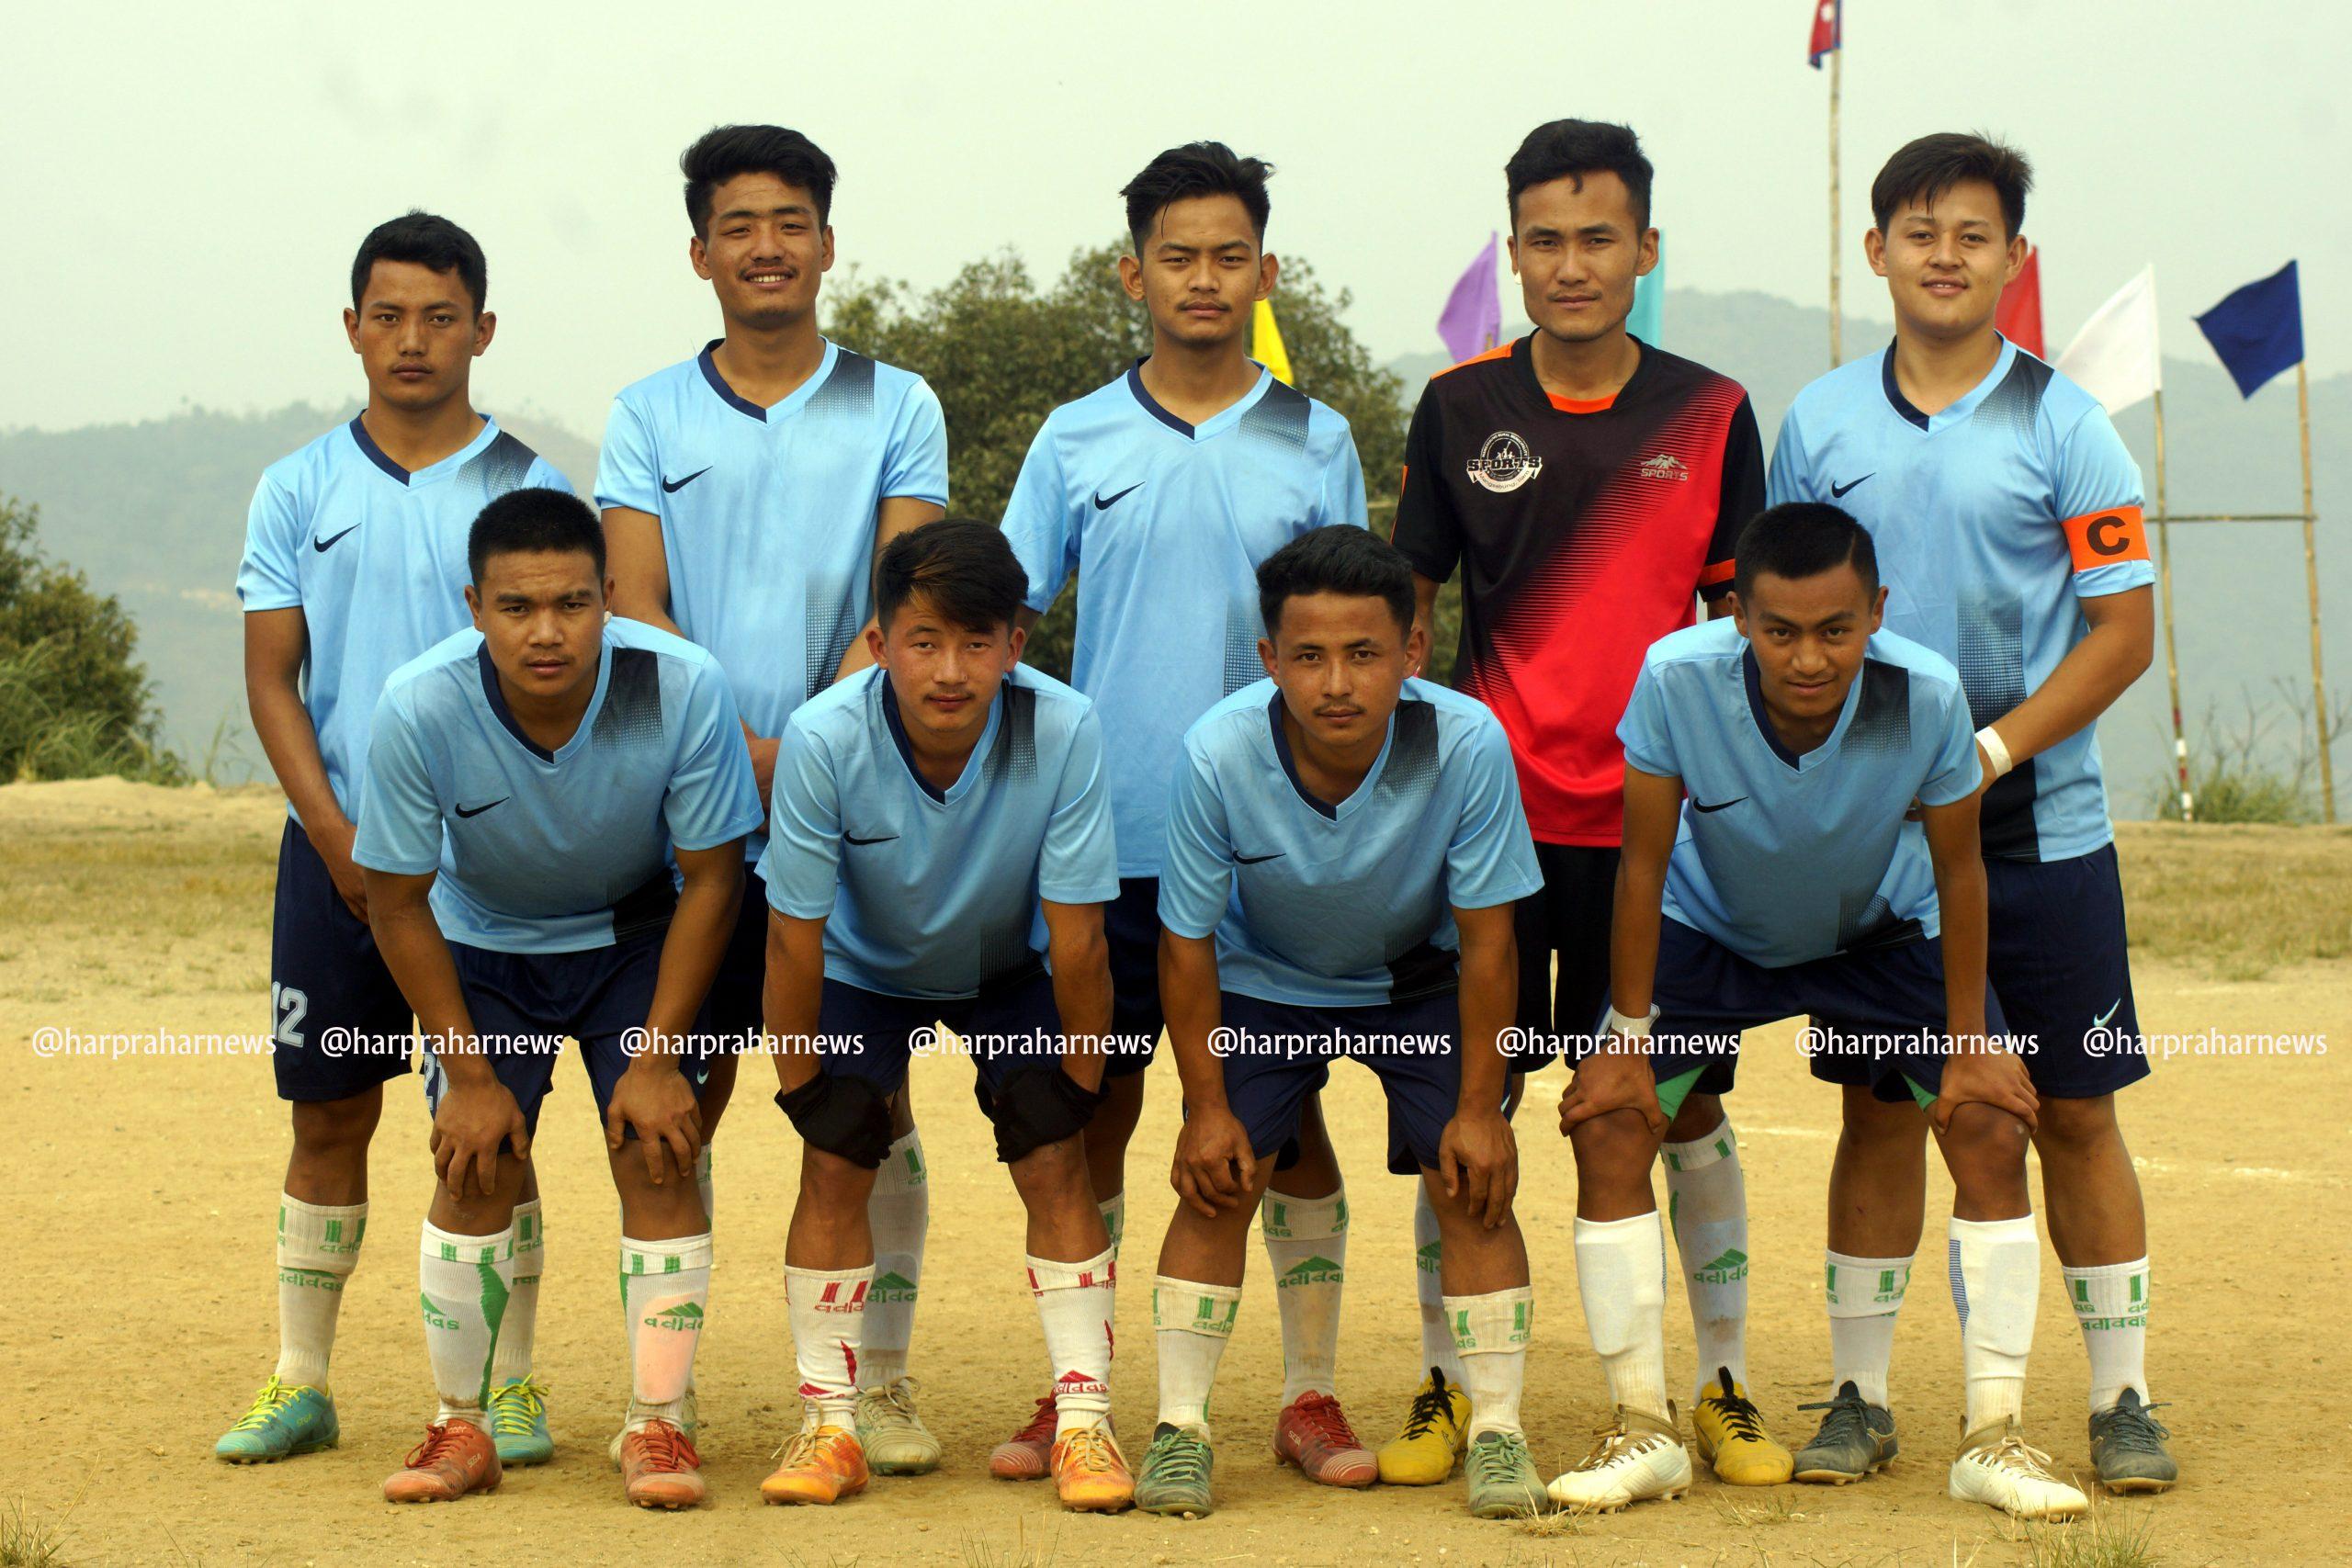 माङसेबुङमा सञ्चालित फुटबल प्रतियोगिताको उपाधी वडा नं. ३ लाई